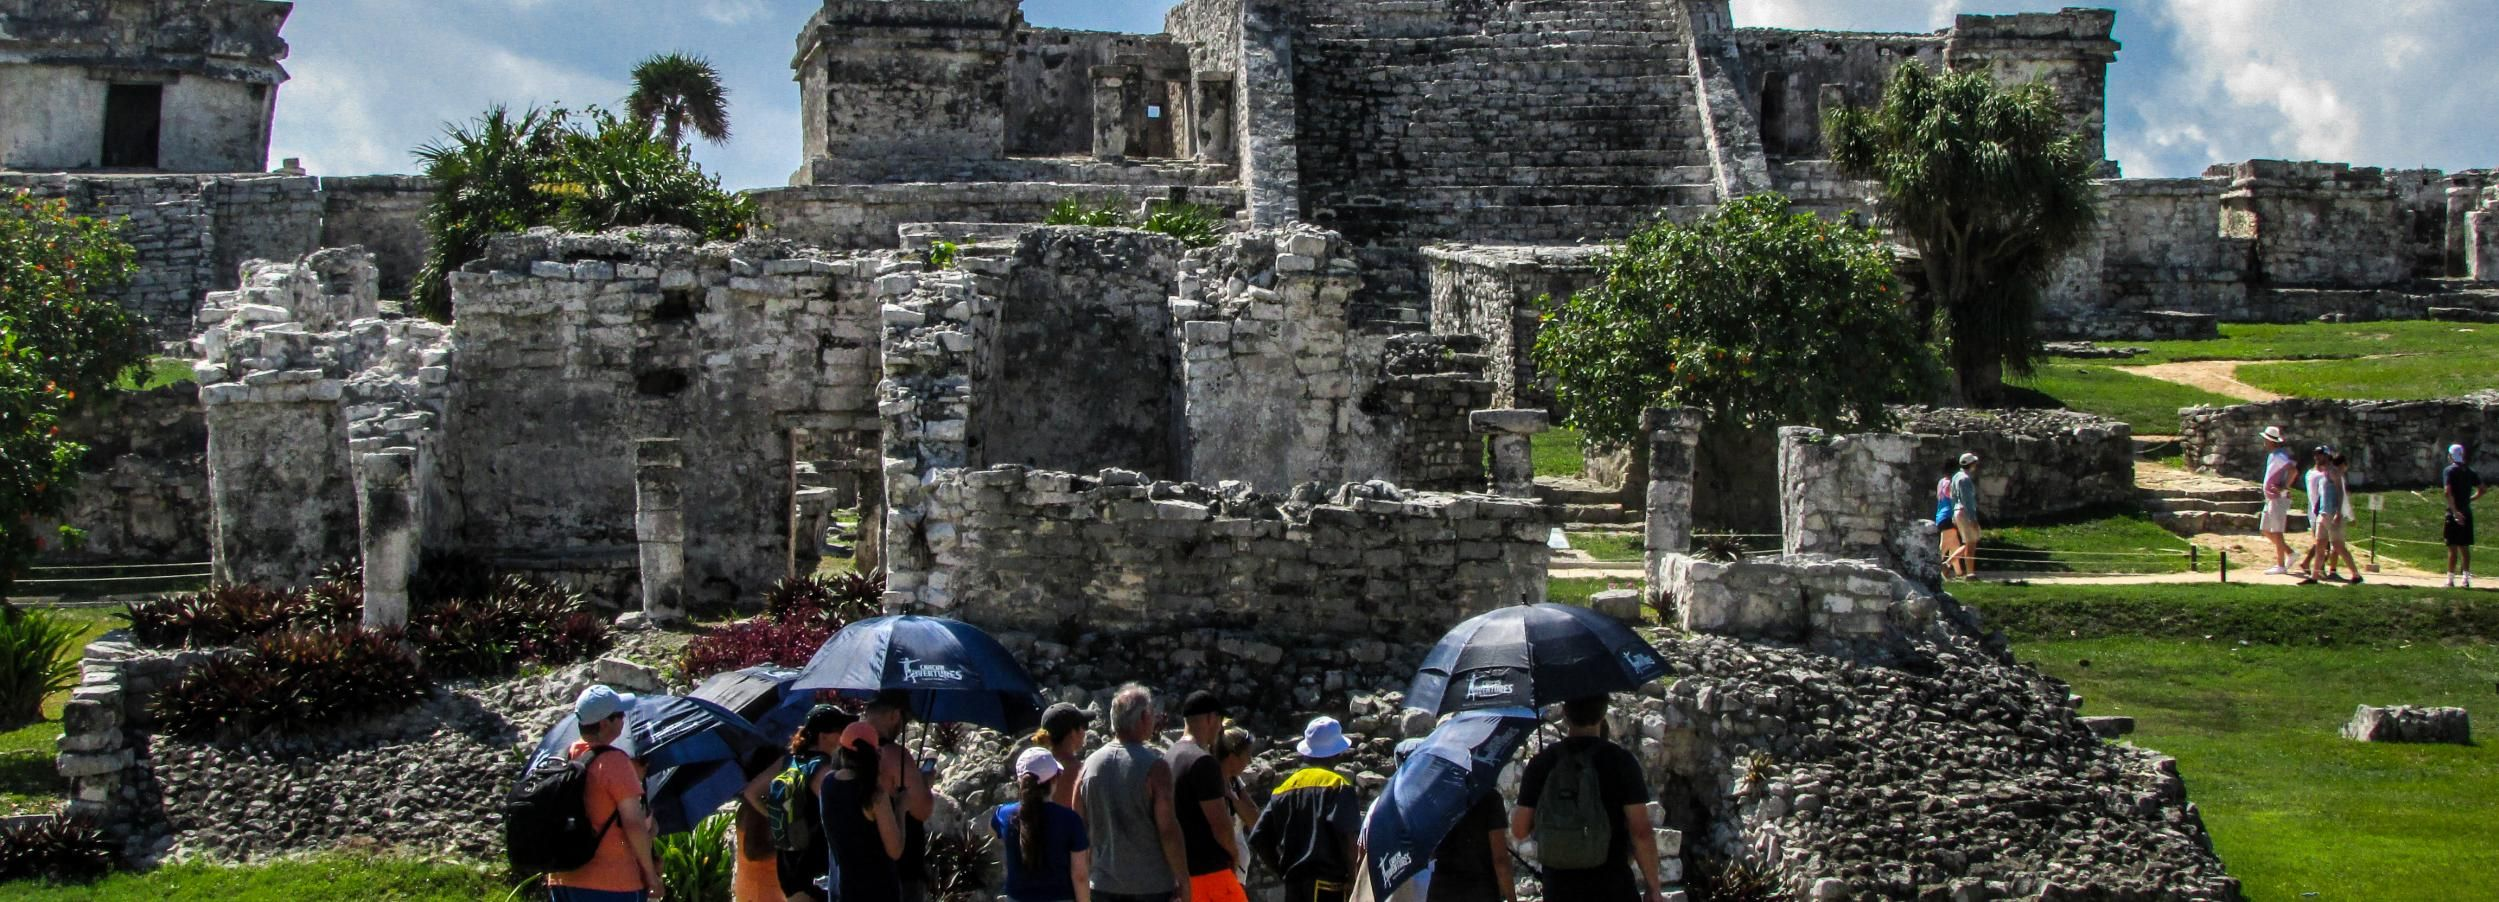 Tulum: excursión de medio día de la cultura maya y cenote